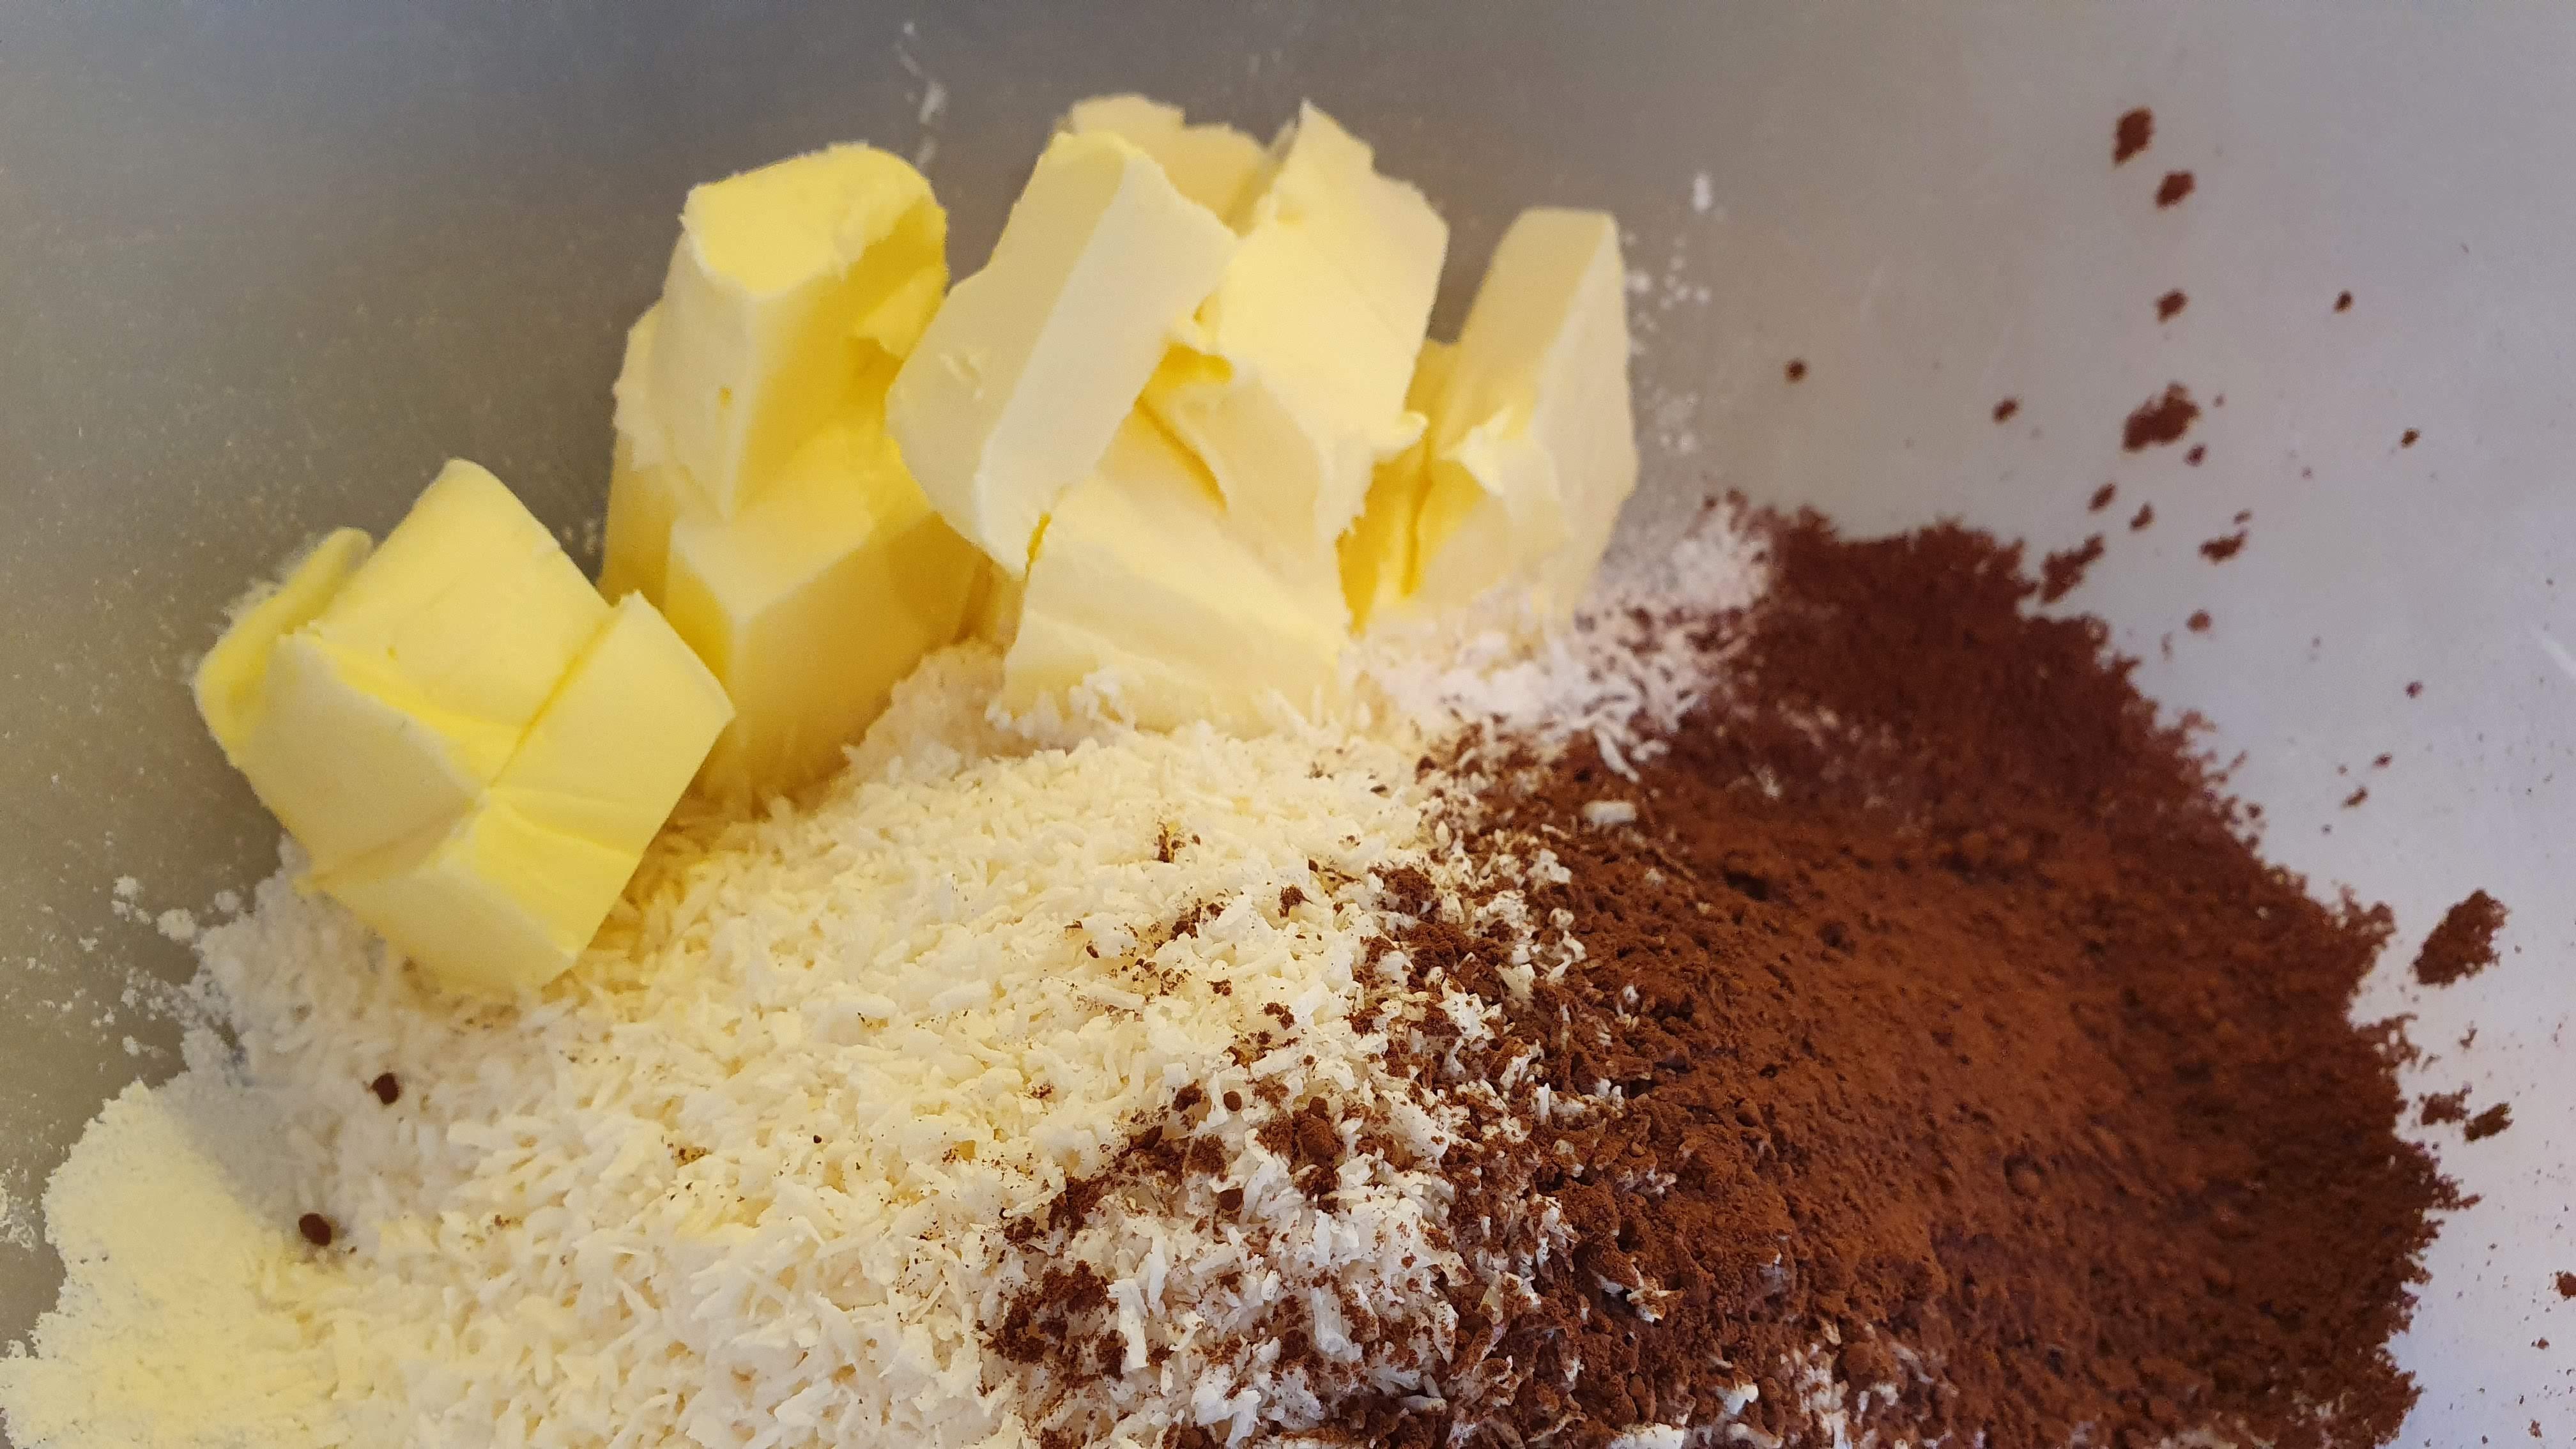 Maslo si vyberieme aspoň hodinu pred prípravou z chladničky, aby bolo mäkké. Z ingrediencií vymiešame hutnejšie cesto.